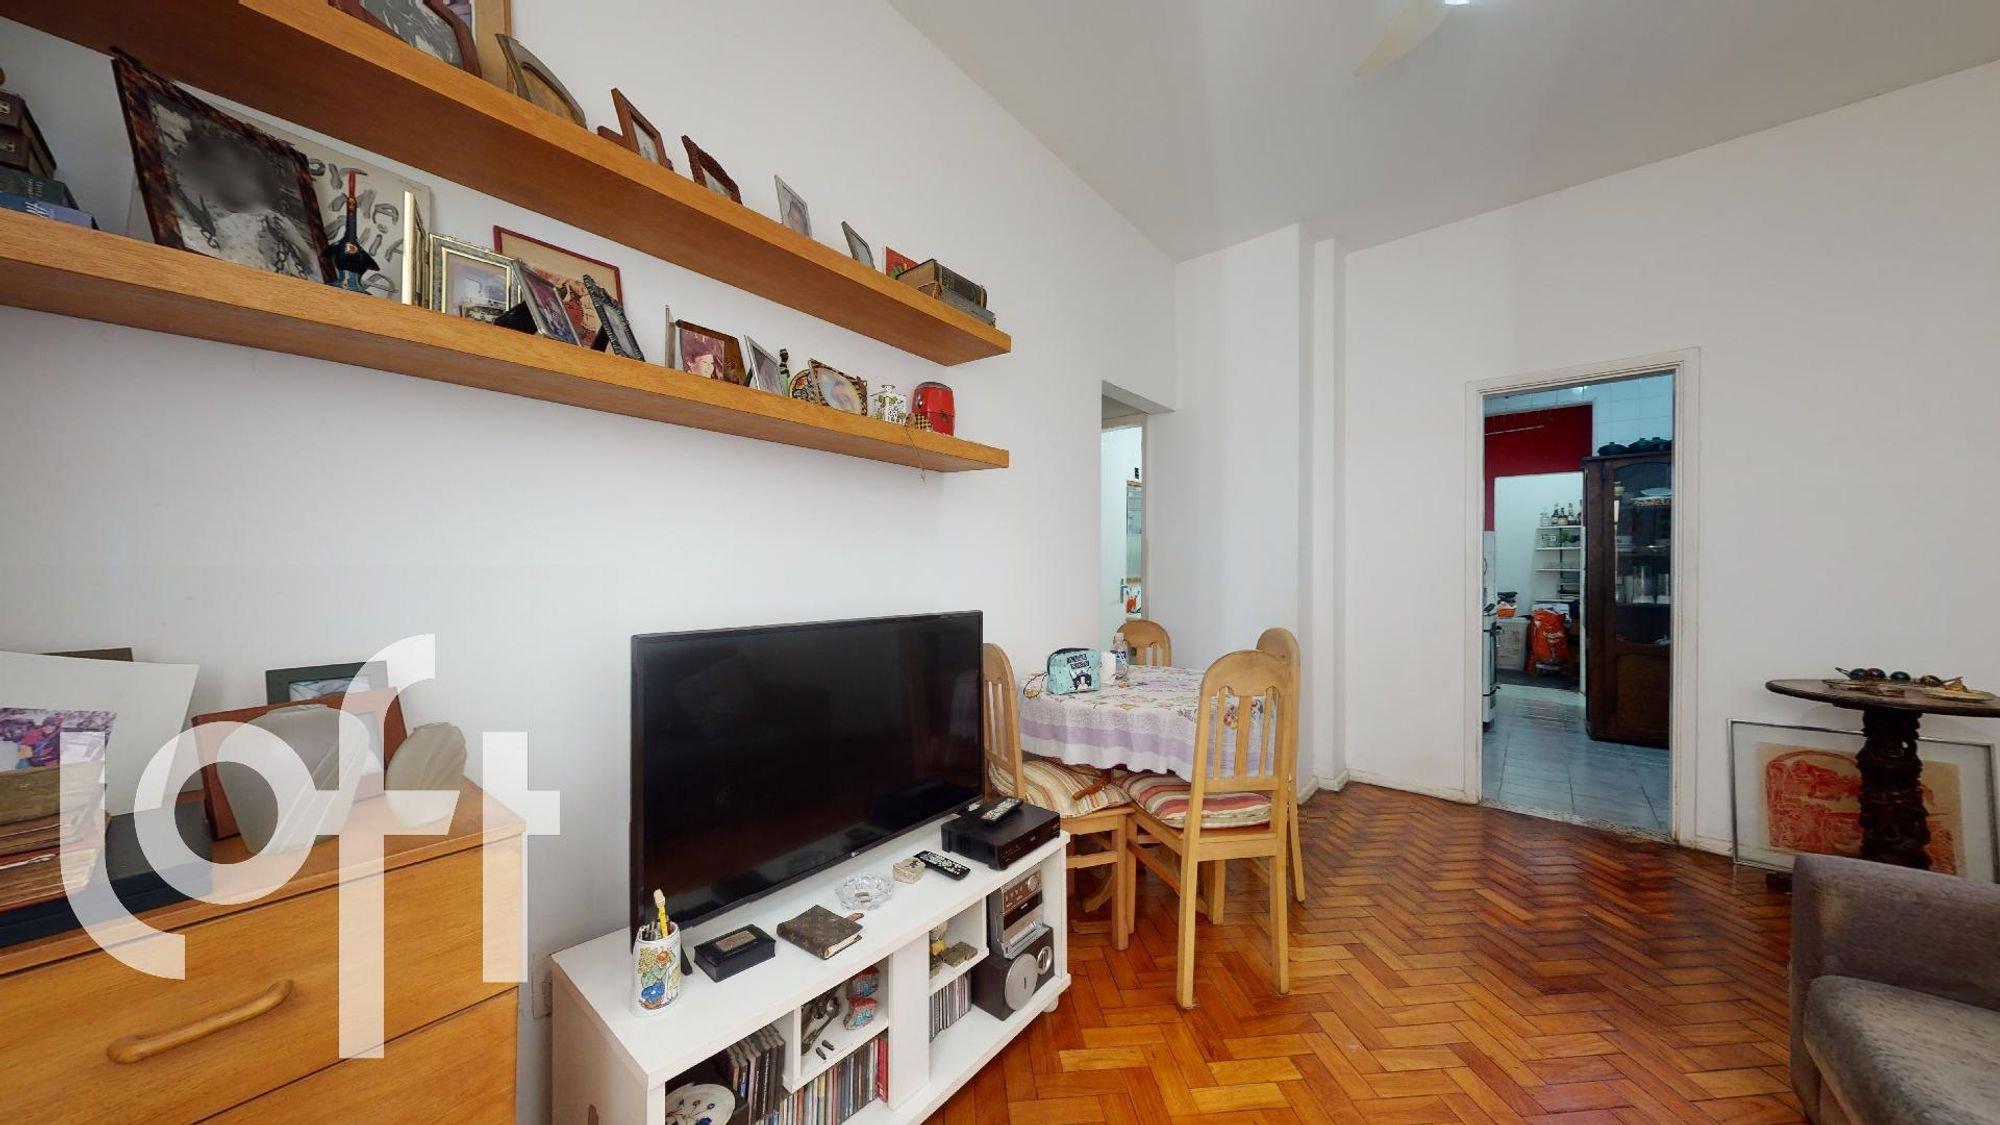 Foto de Sala com sofá, televisão, garrafa, controle remoto, cadeira